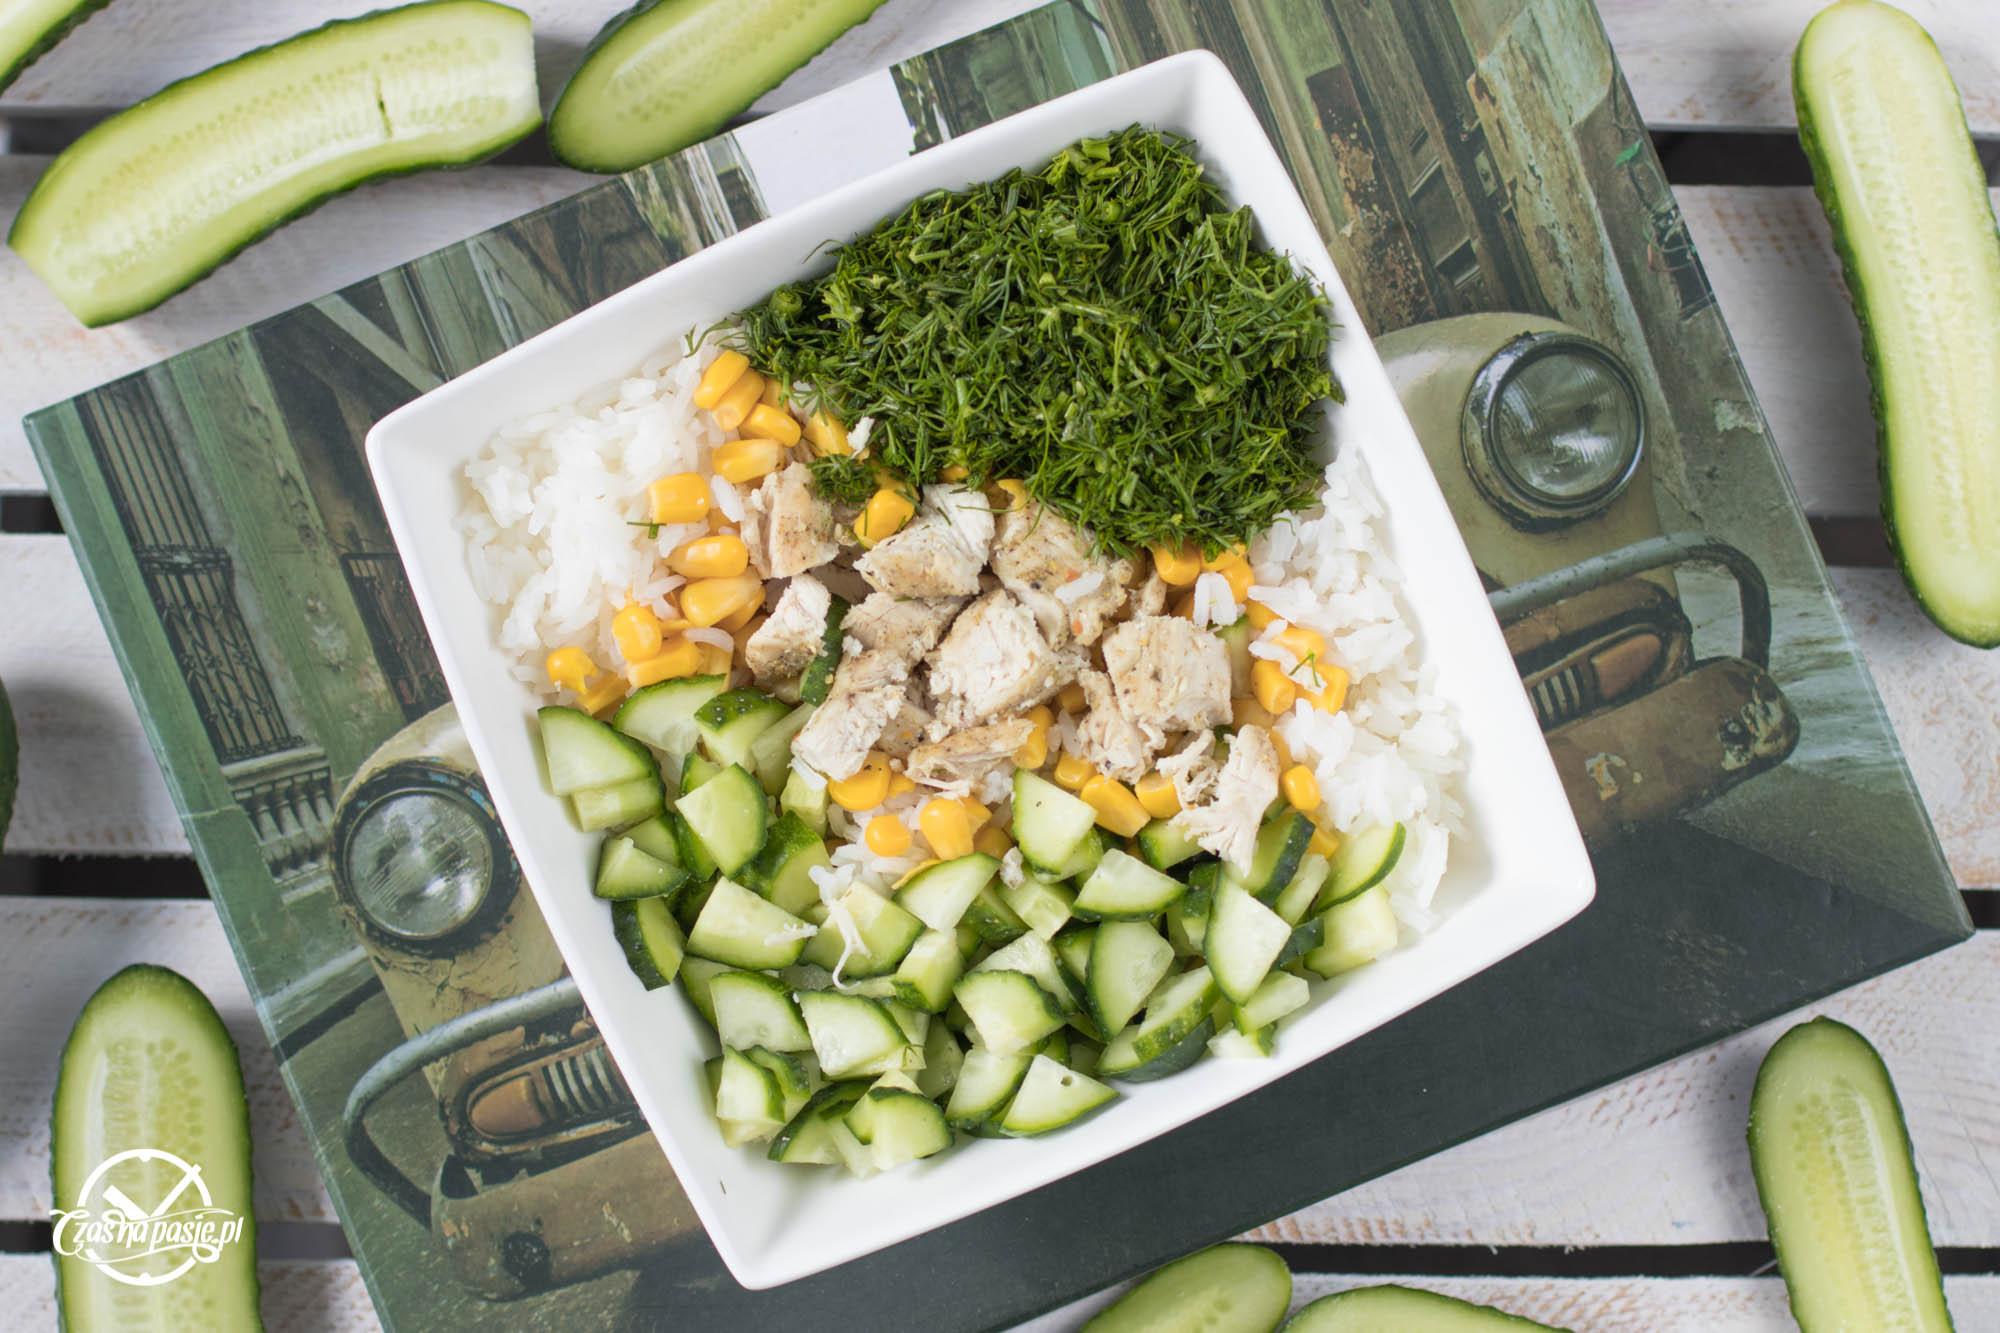 salatka-ryzowa-czas-na-pasje